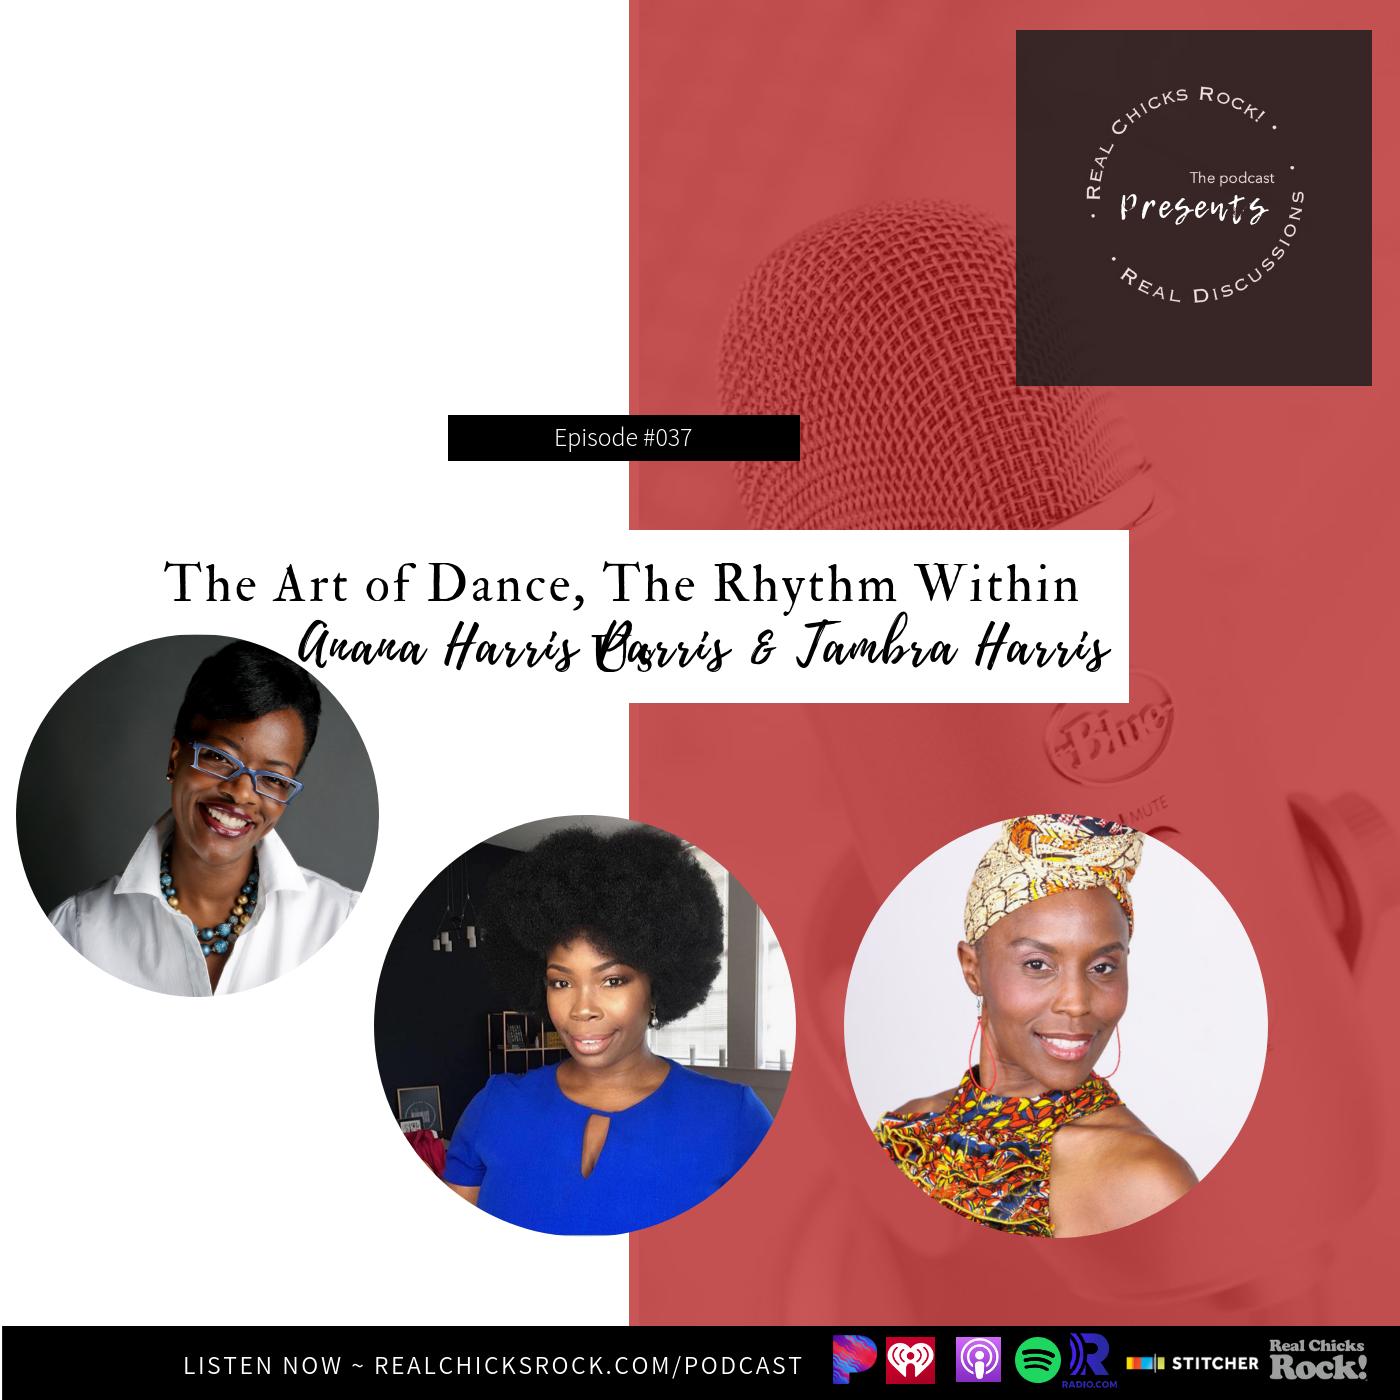 RCR Presents ArtWork for Website Podcast Page Episode 037.png